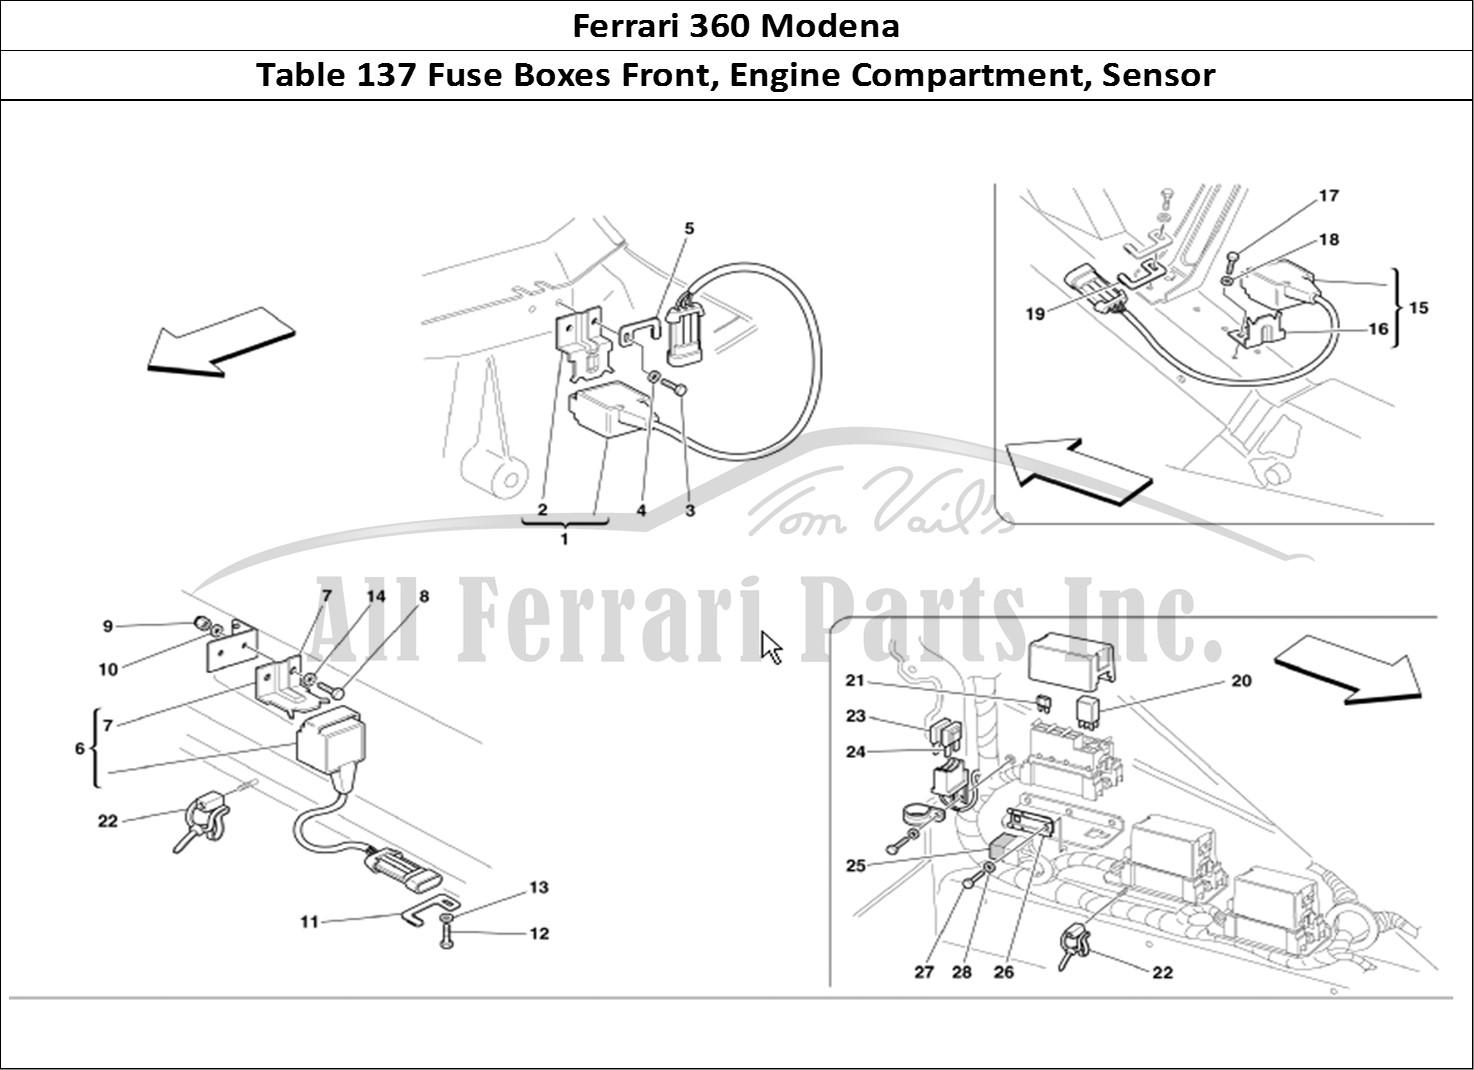 Buy Original Ferrari 360 Modena 137 Fuse Boxes Front Engine Compartment Sensor Ferrari Parts